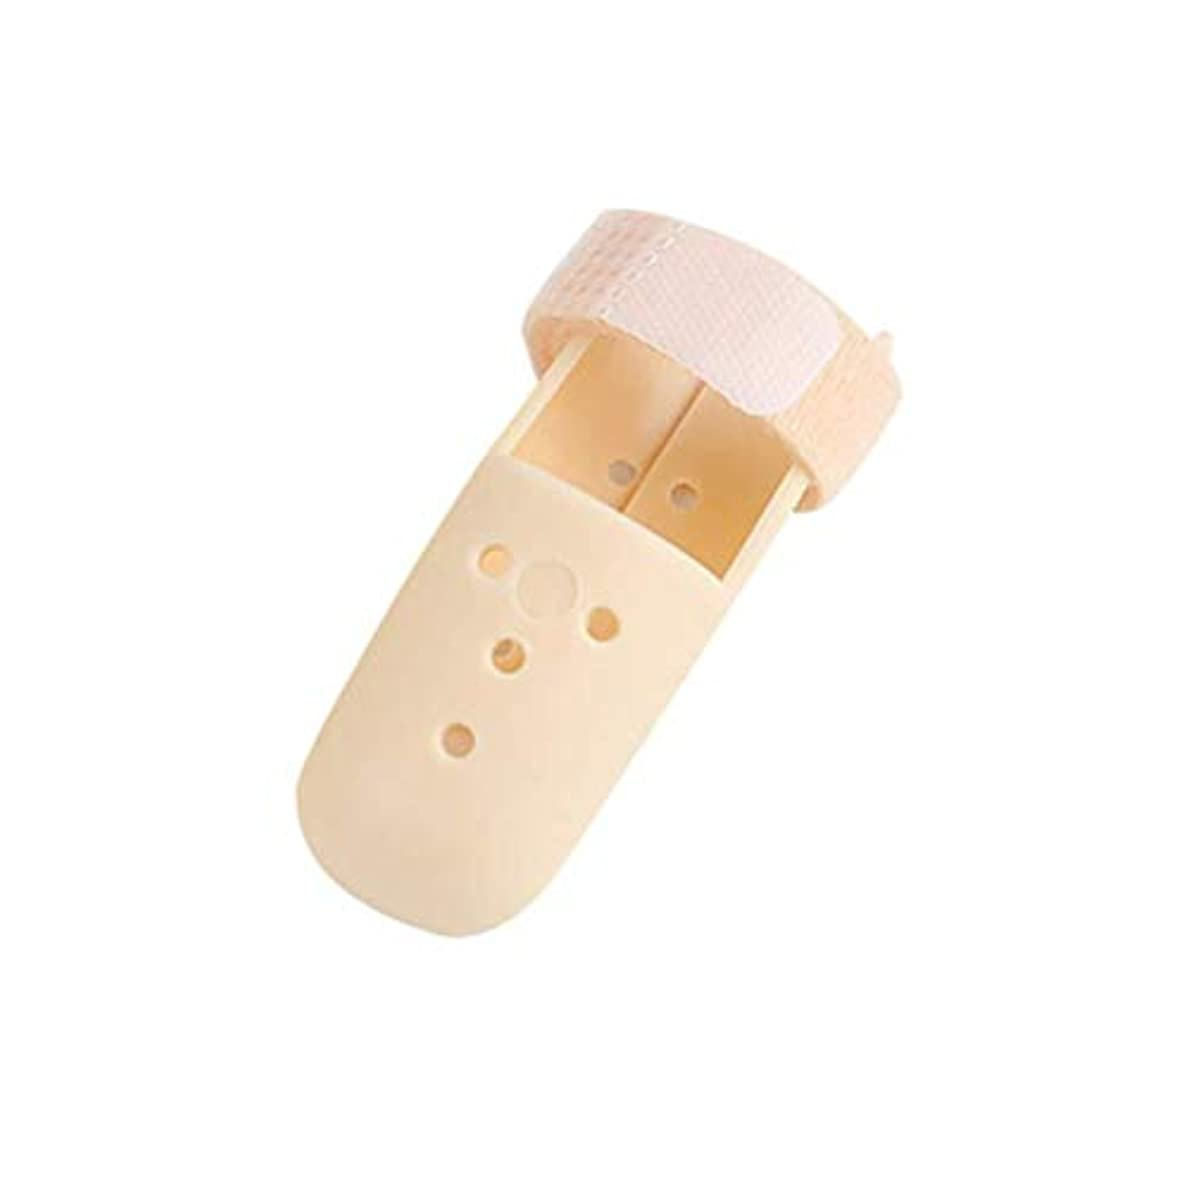 実験をするまさにセクタ外れた指の添え木指の添え木をトリガーして指の関節の矯正具を固定する